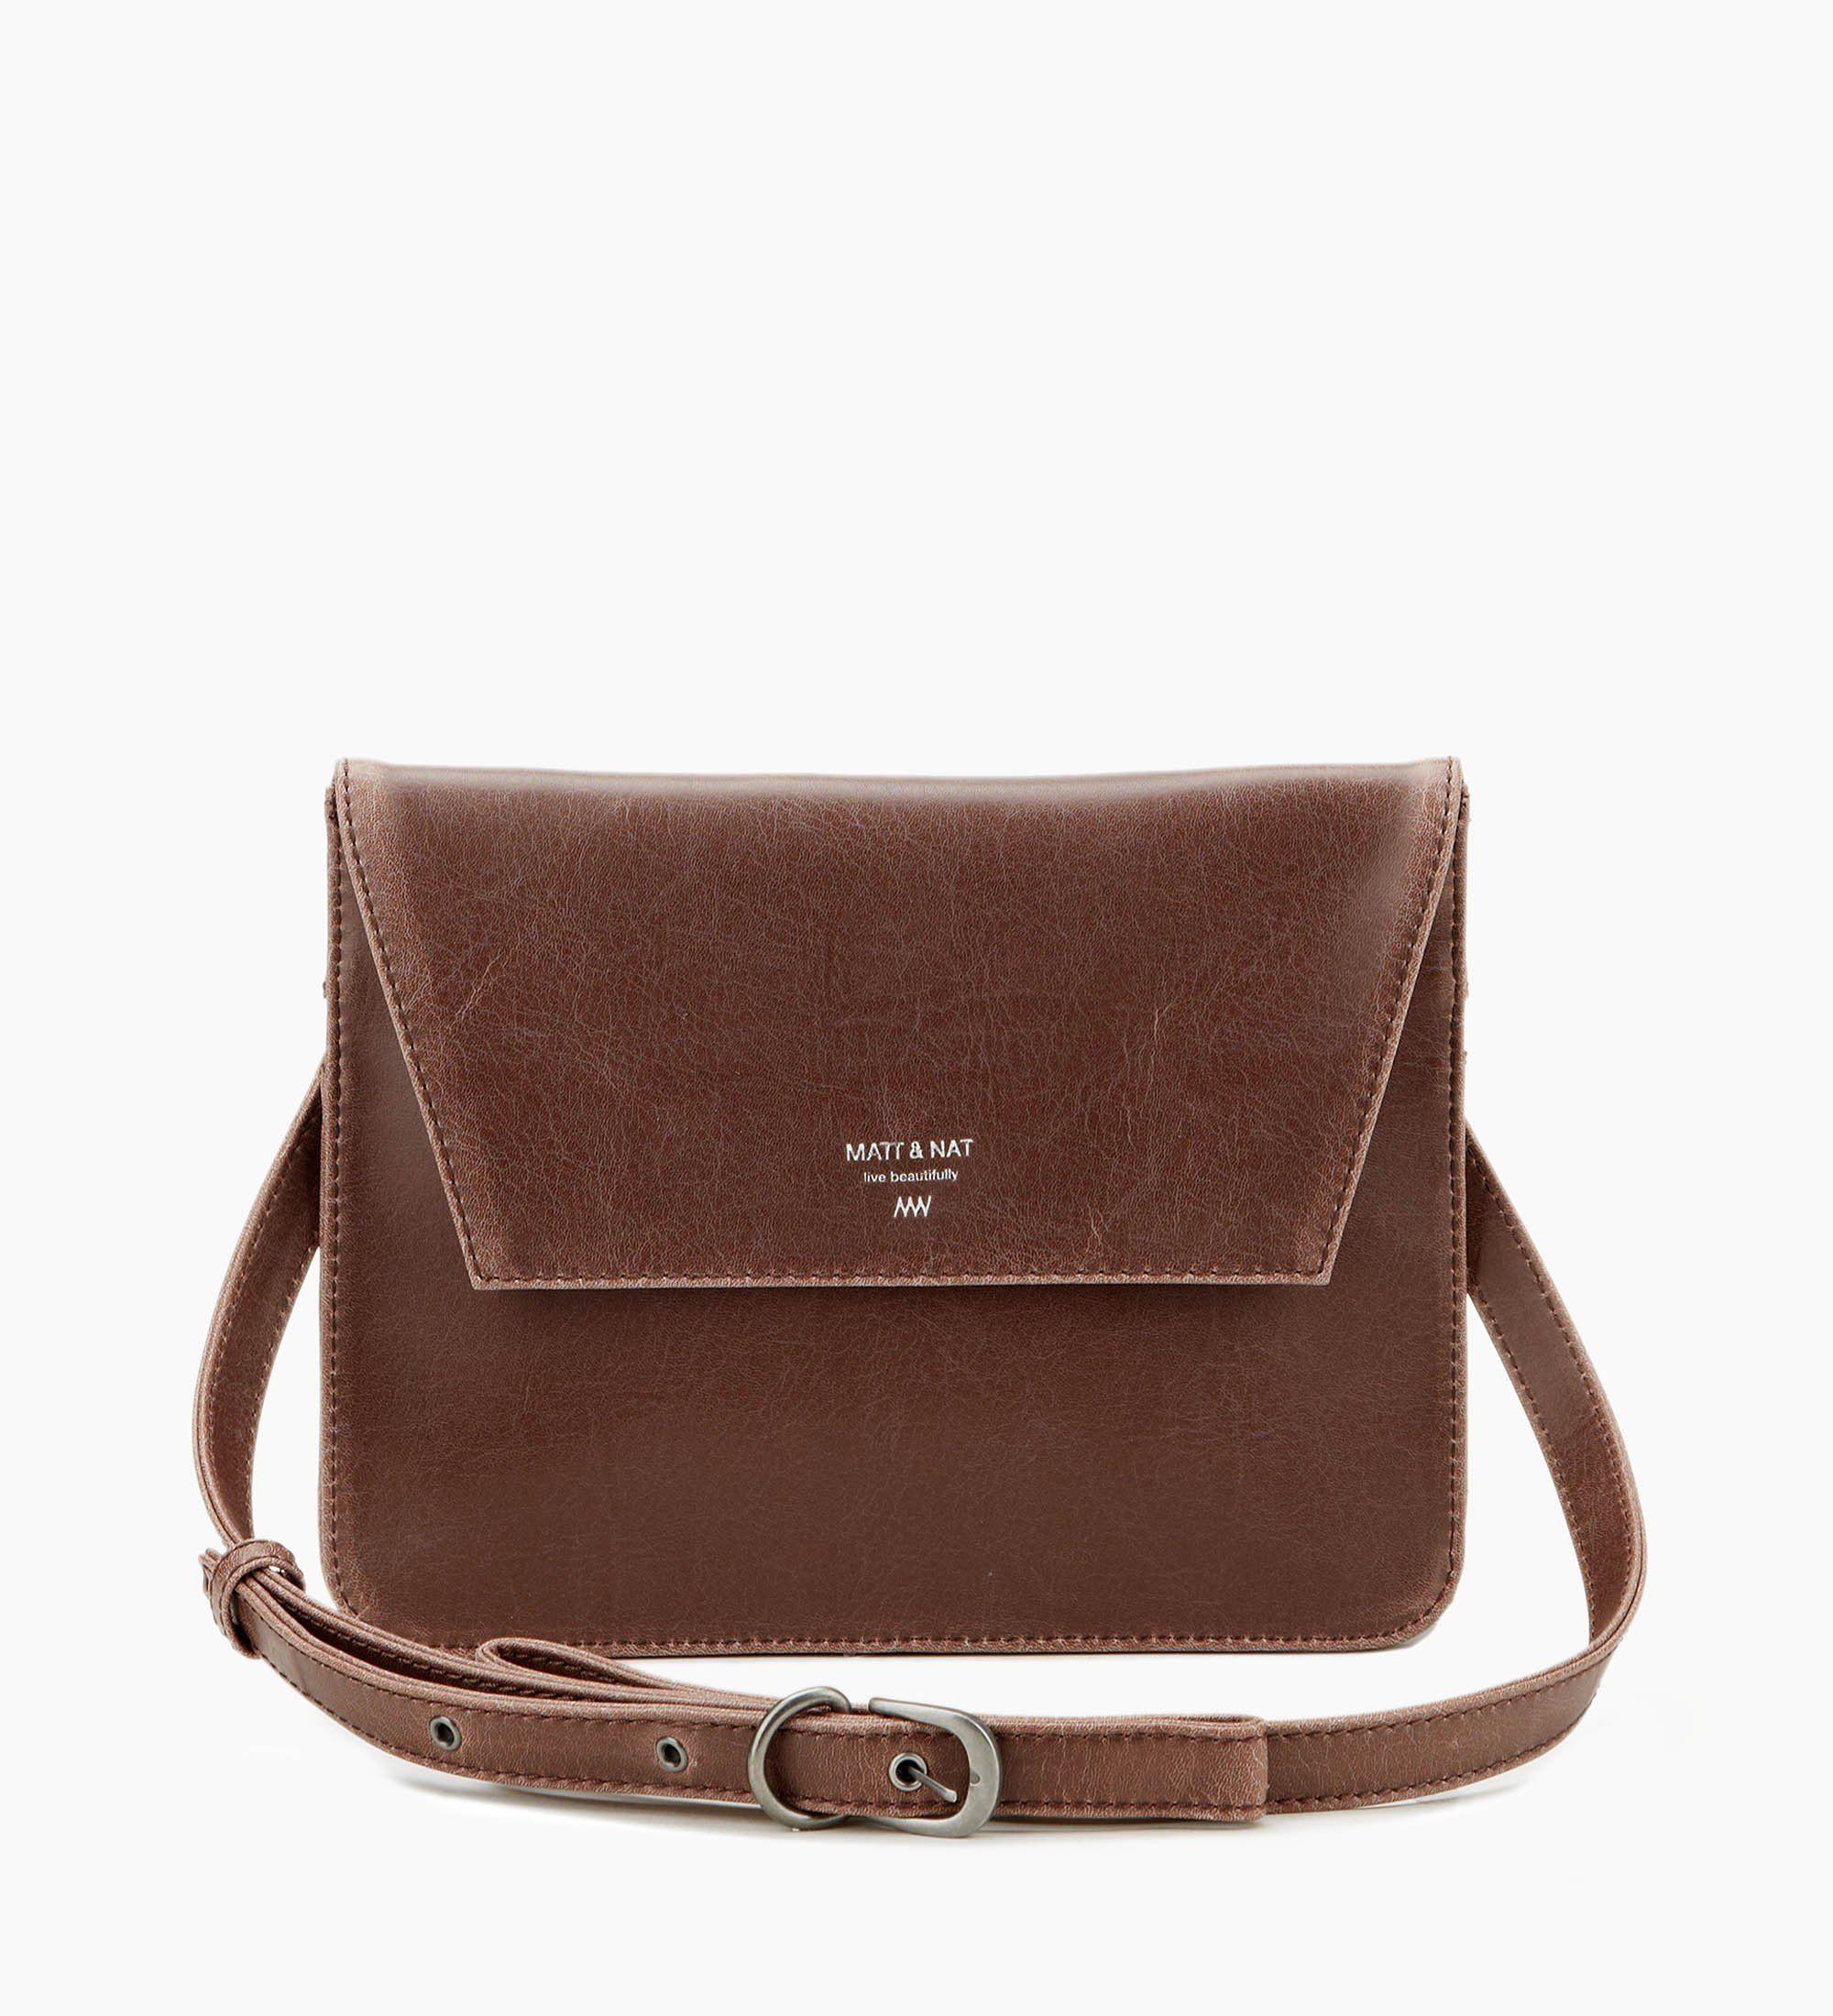 Bags Shoulder Bag Cross Body Handbags